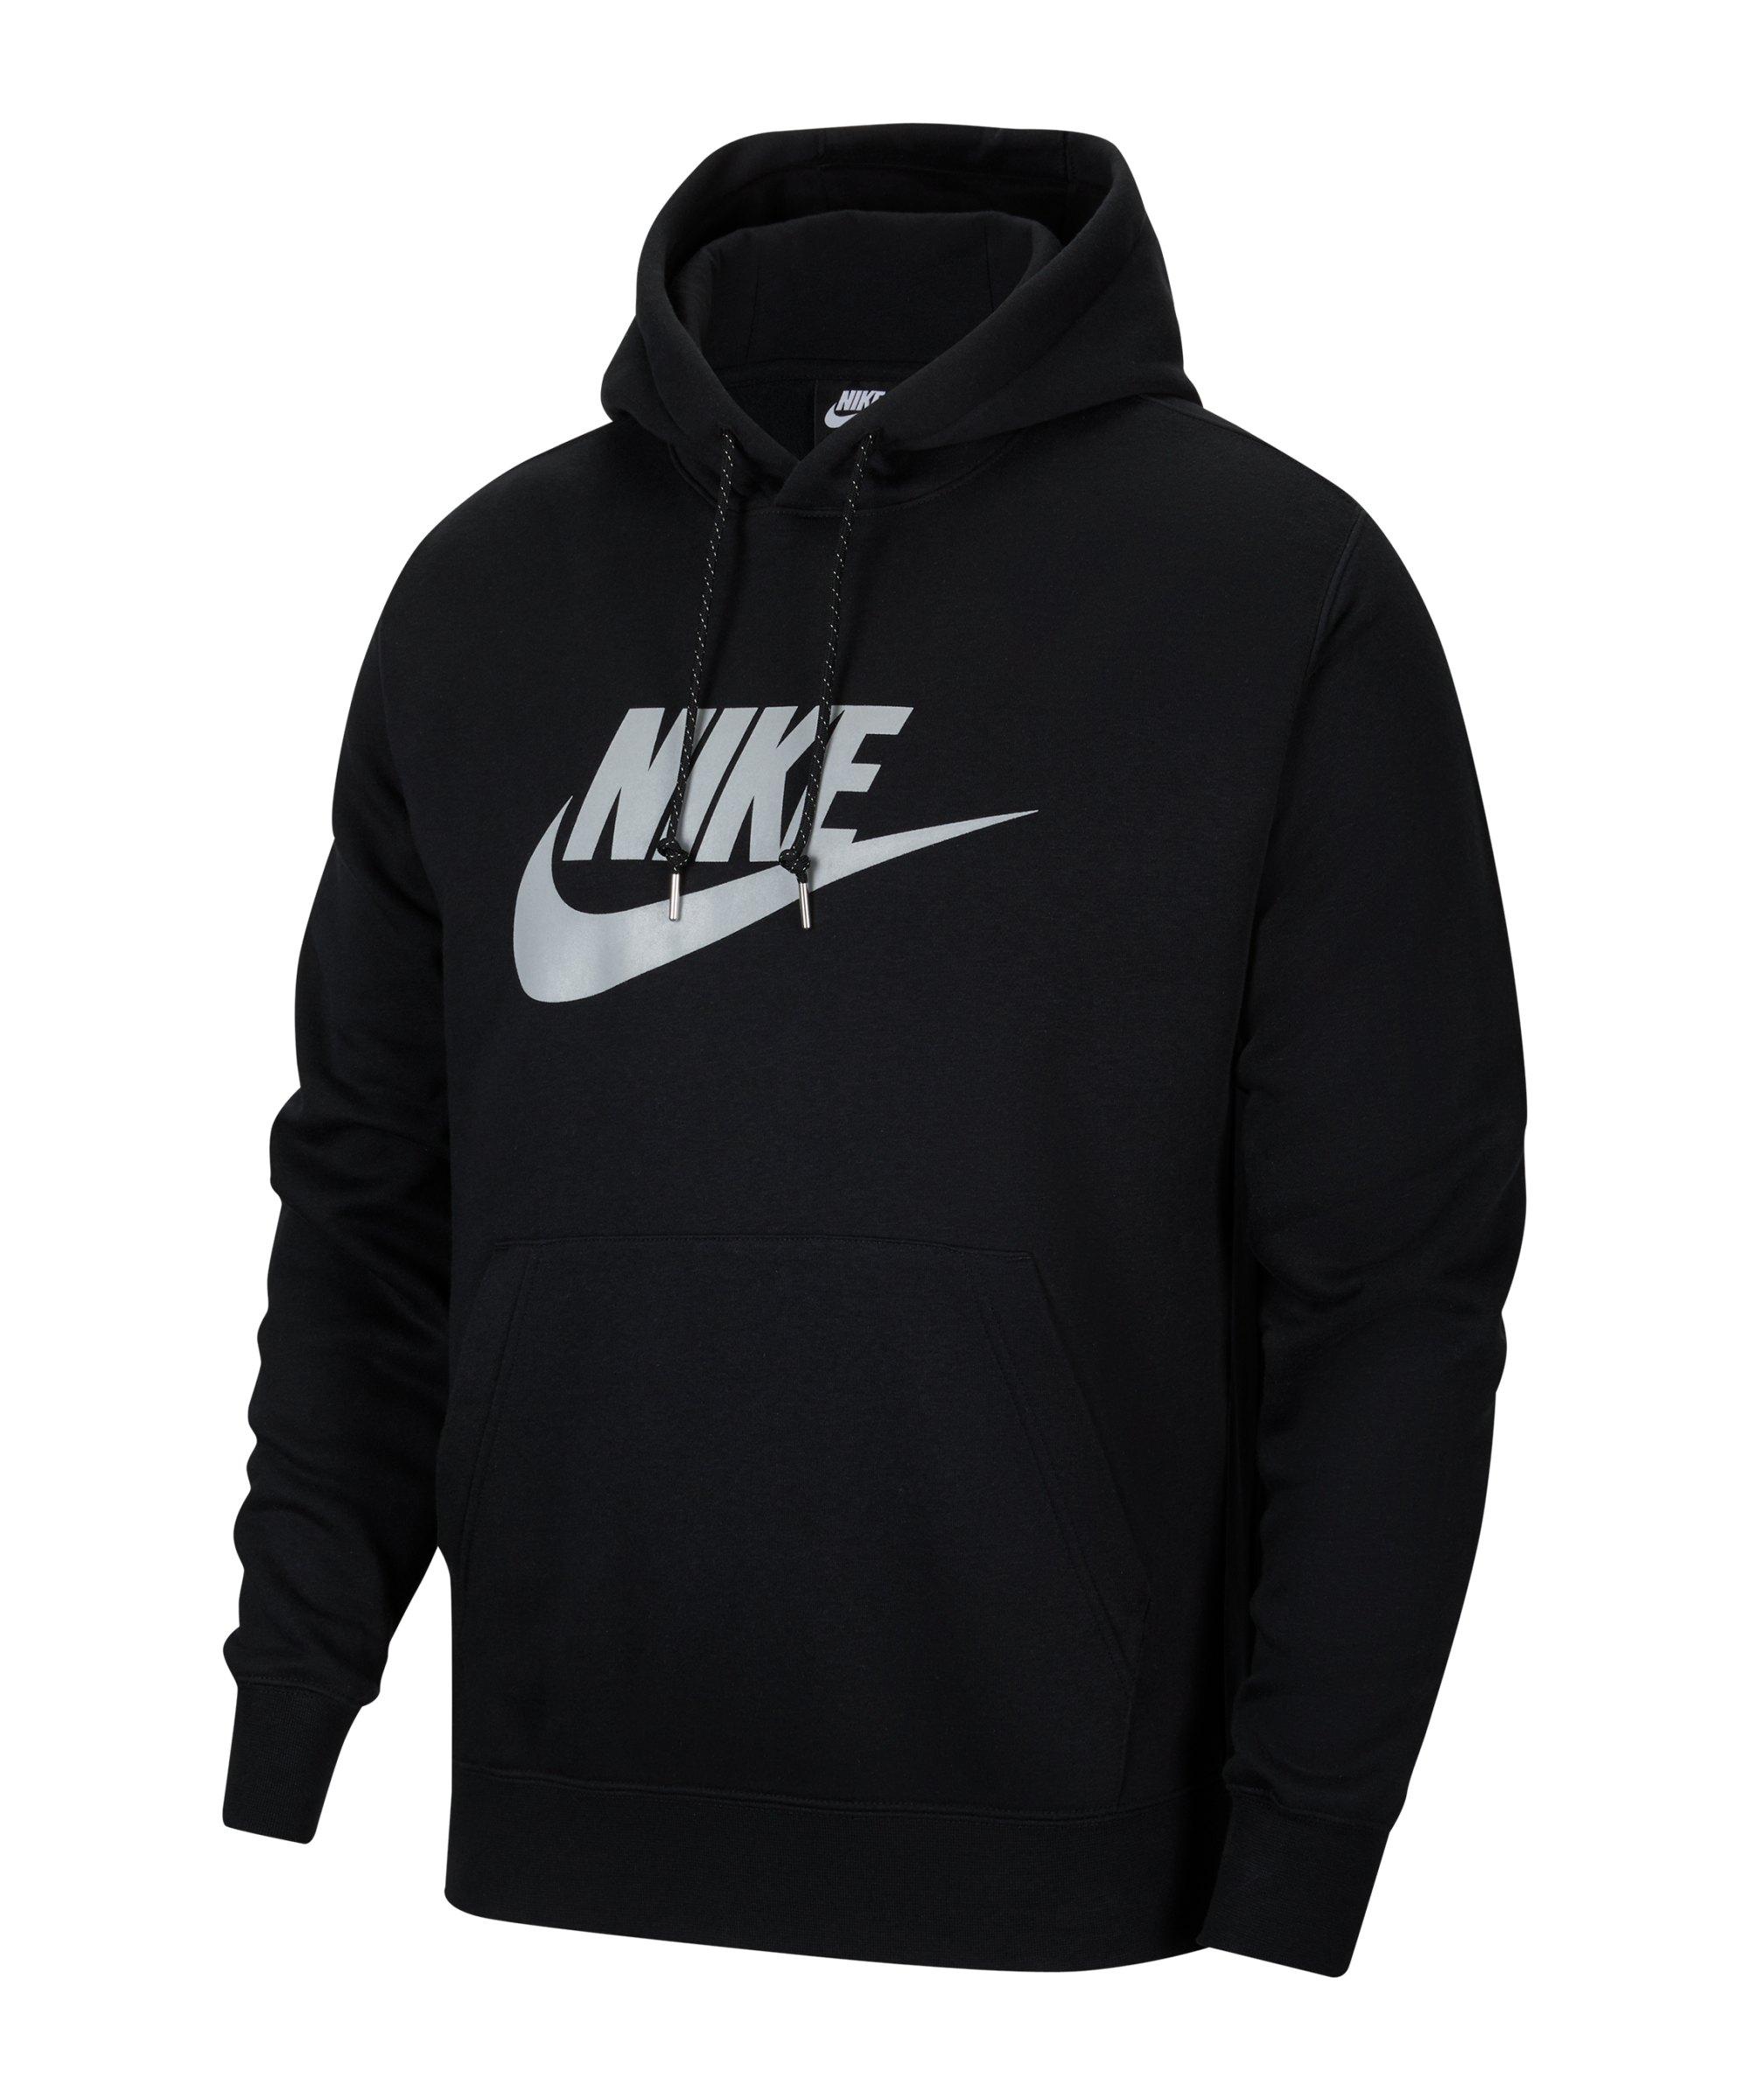 Nike Q5 Hoody Schwarz F010 - schwarz